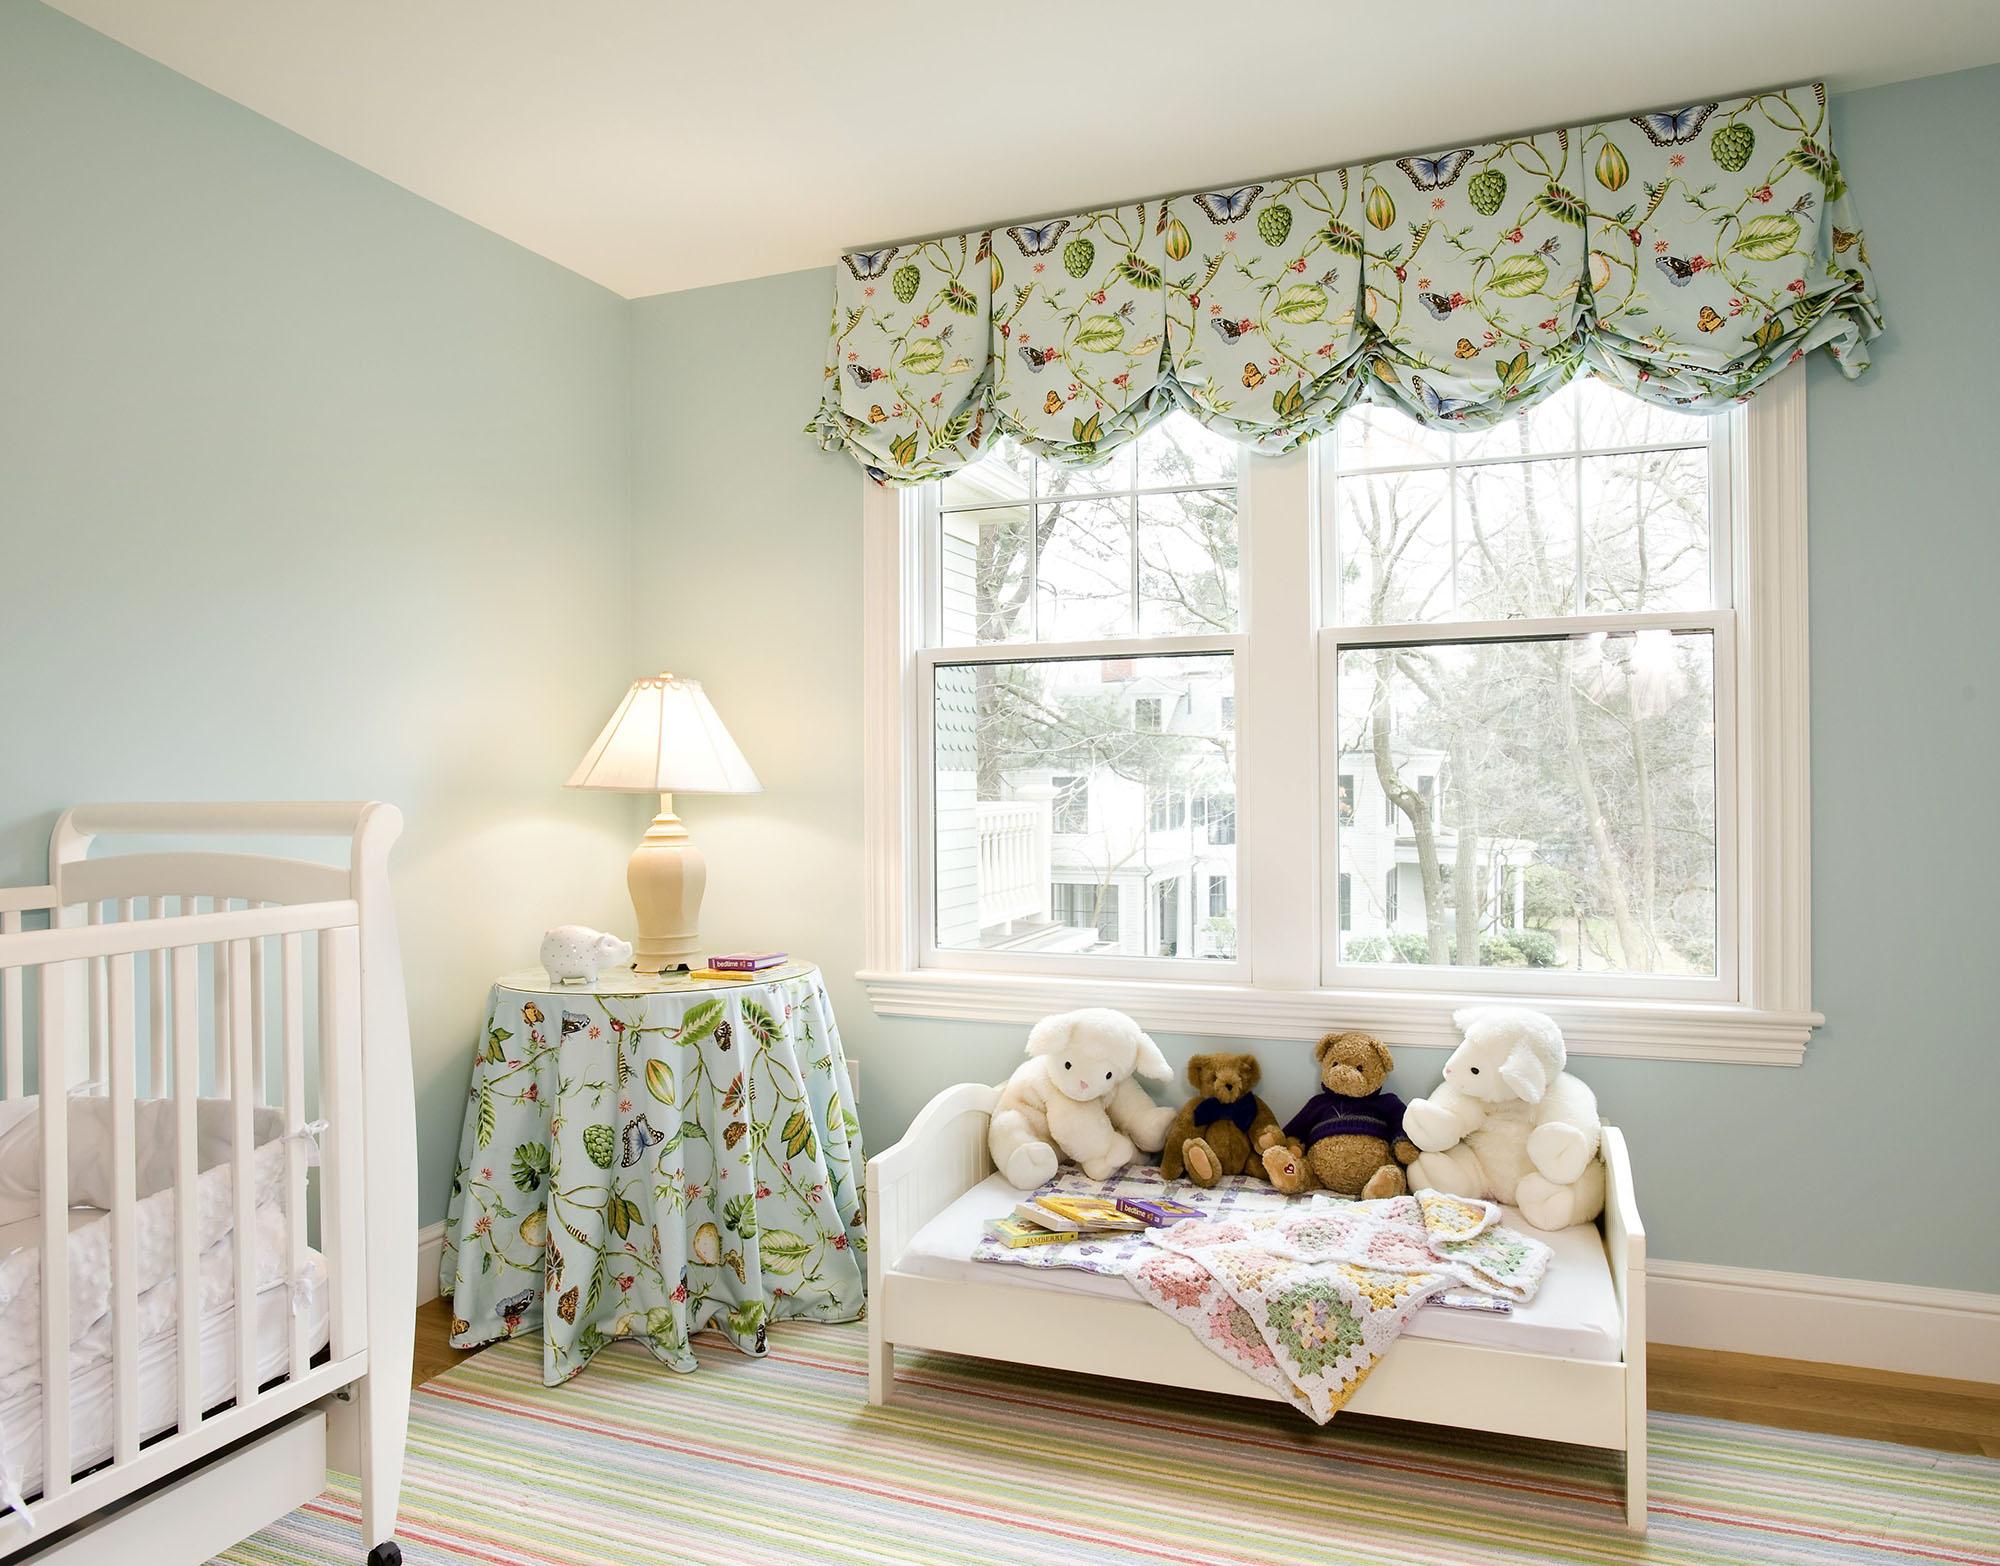 Австрийские шторы в интерьере детской комнаты